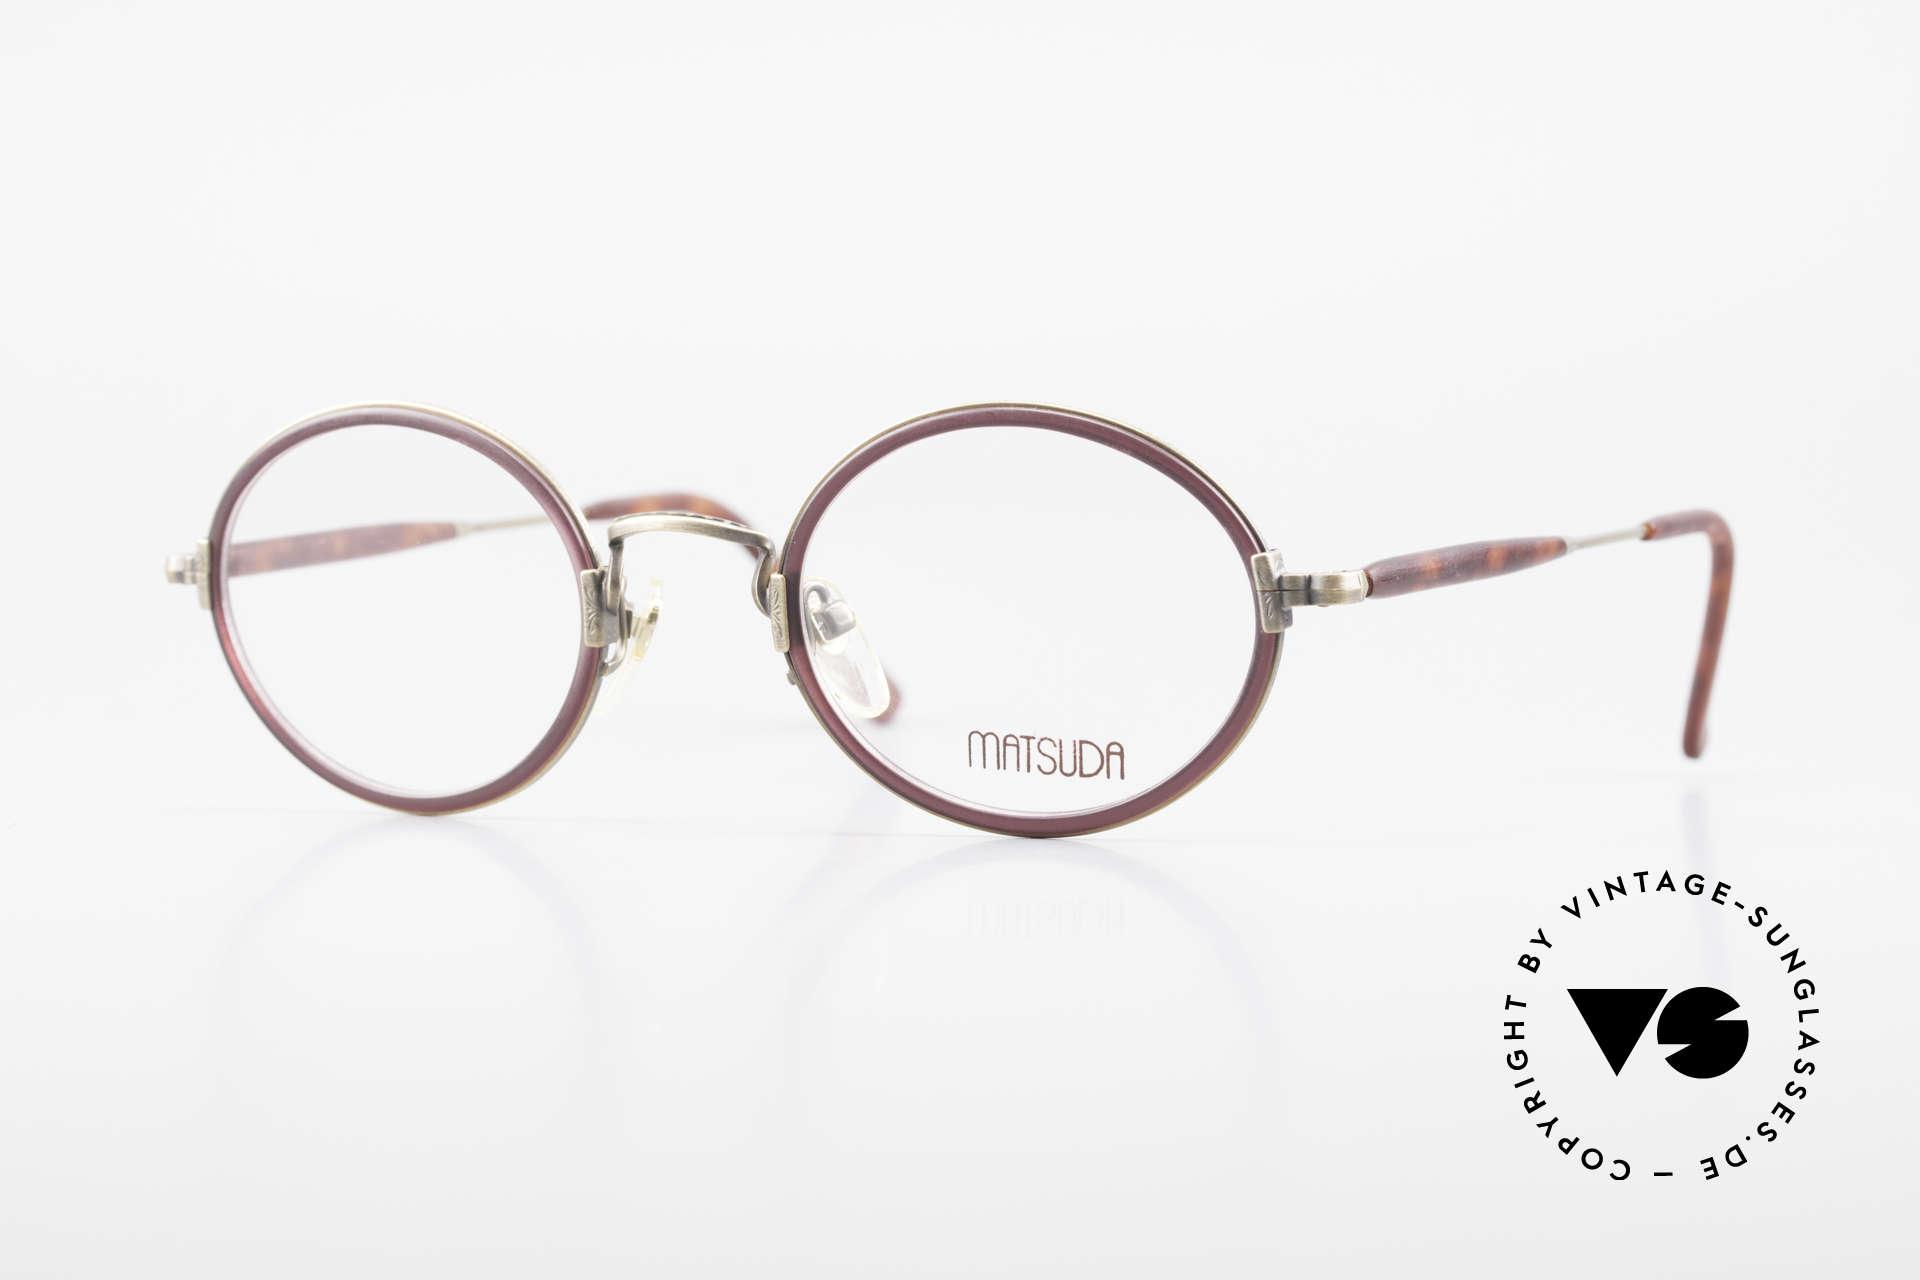 Matsuda 2834 Rund Ovale 90er Luxus Brille, 90er Jahre vintage Designer-Sonnenbrille von MATSUDA, Passend für Herren und Damen